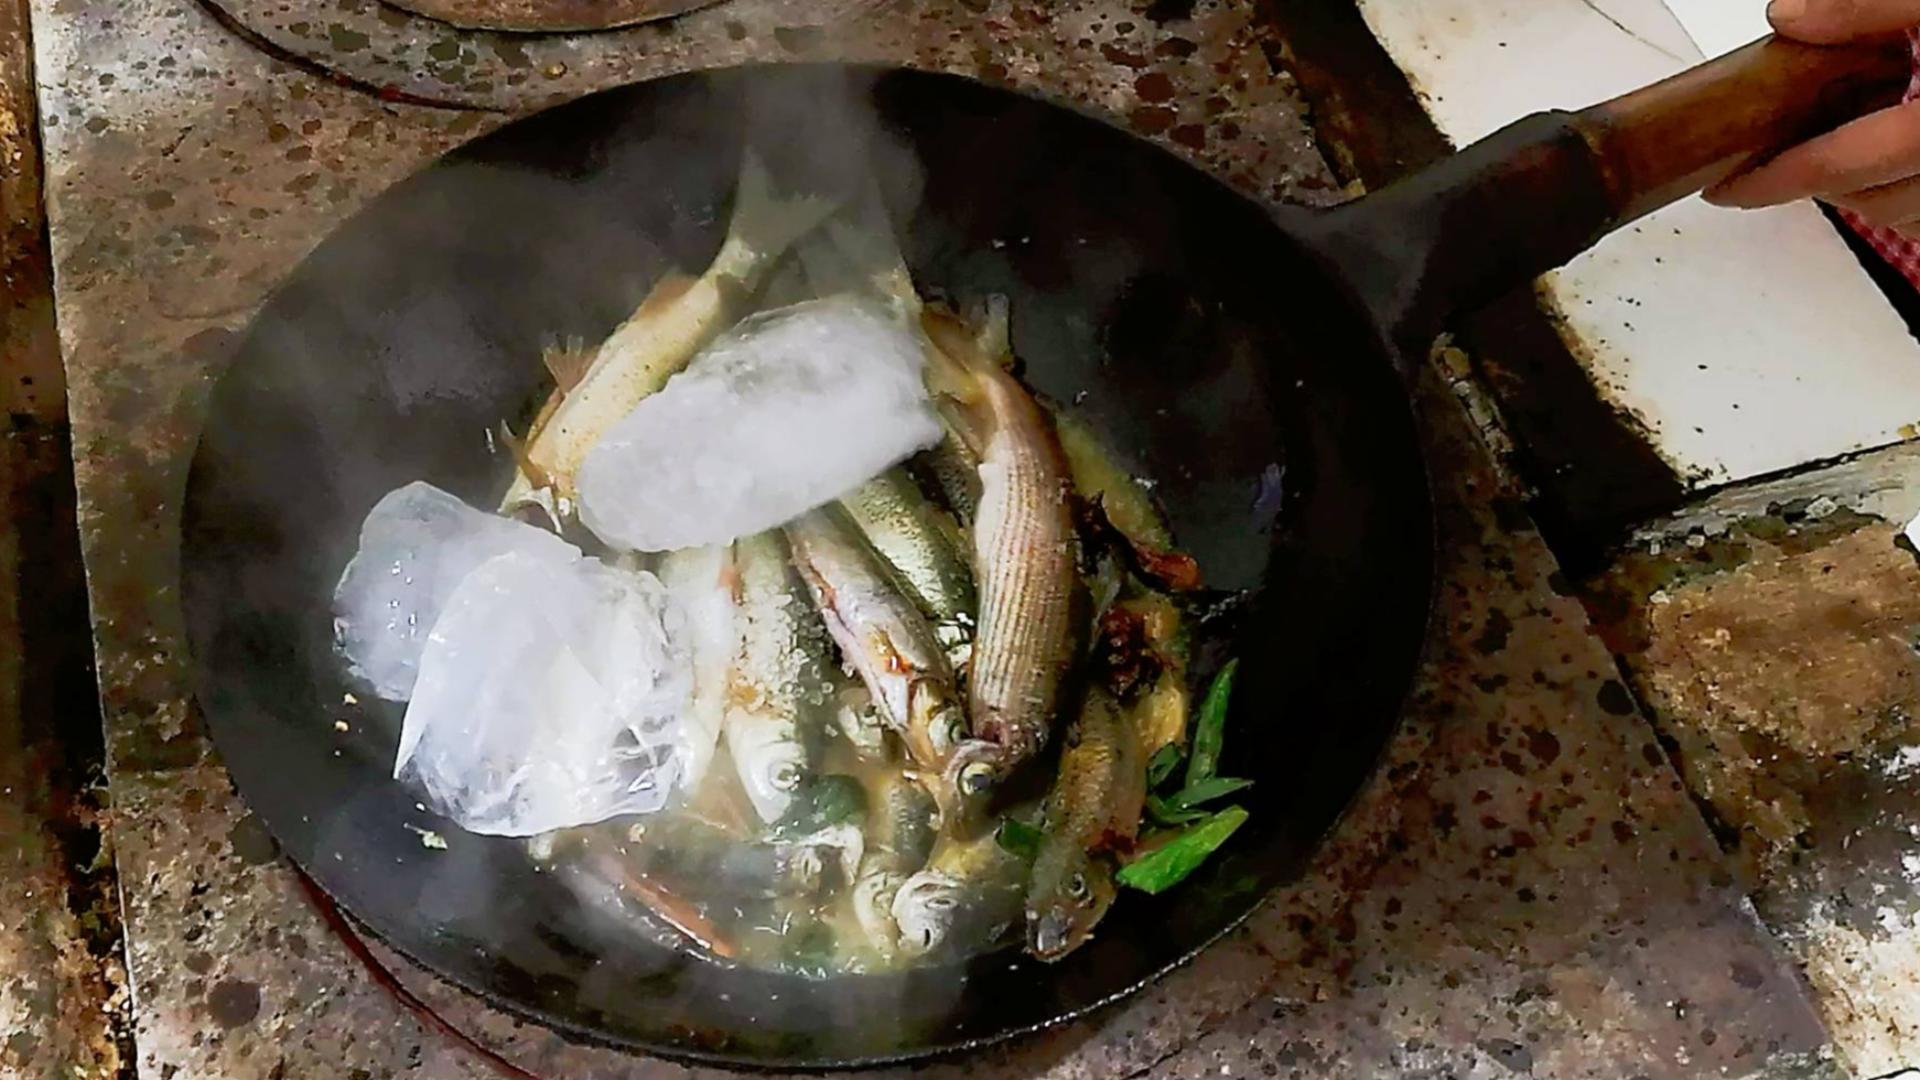 零下40度黑龙江捕鱼,做农家美食江水炖江鱼,冰块炖鱼你见过吗?